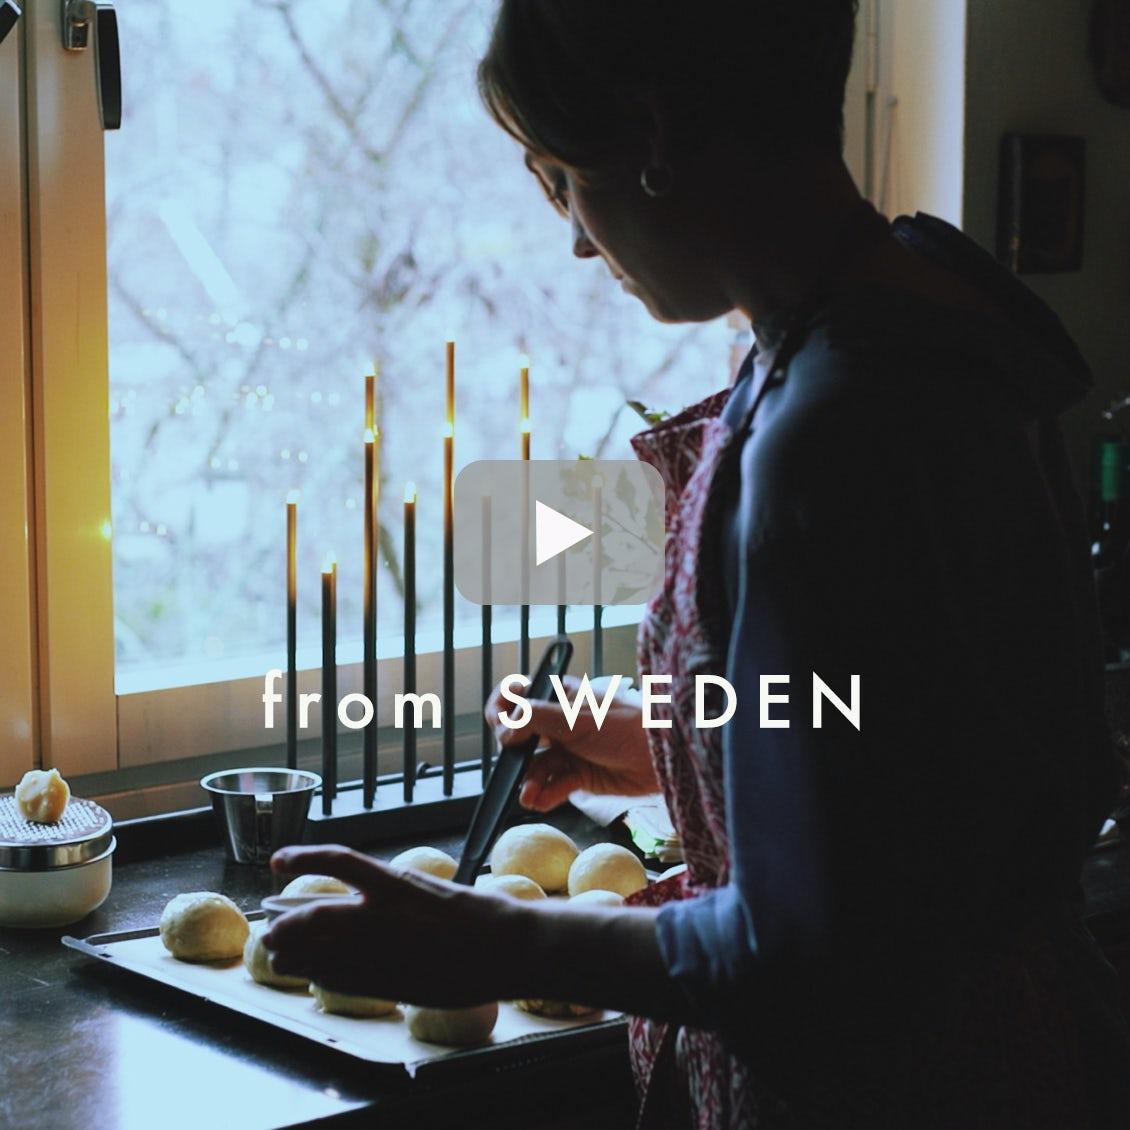 【北欧に暮らすひと】04:スウェーデンの春といえば…。おばあちゃんのレシピでつくる伝統菓子